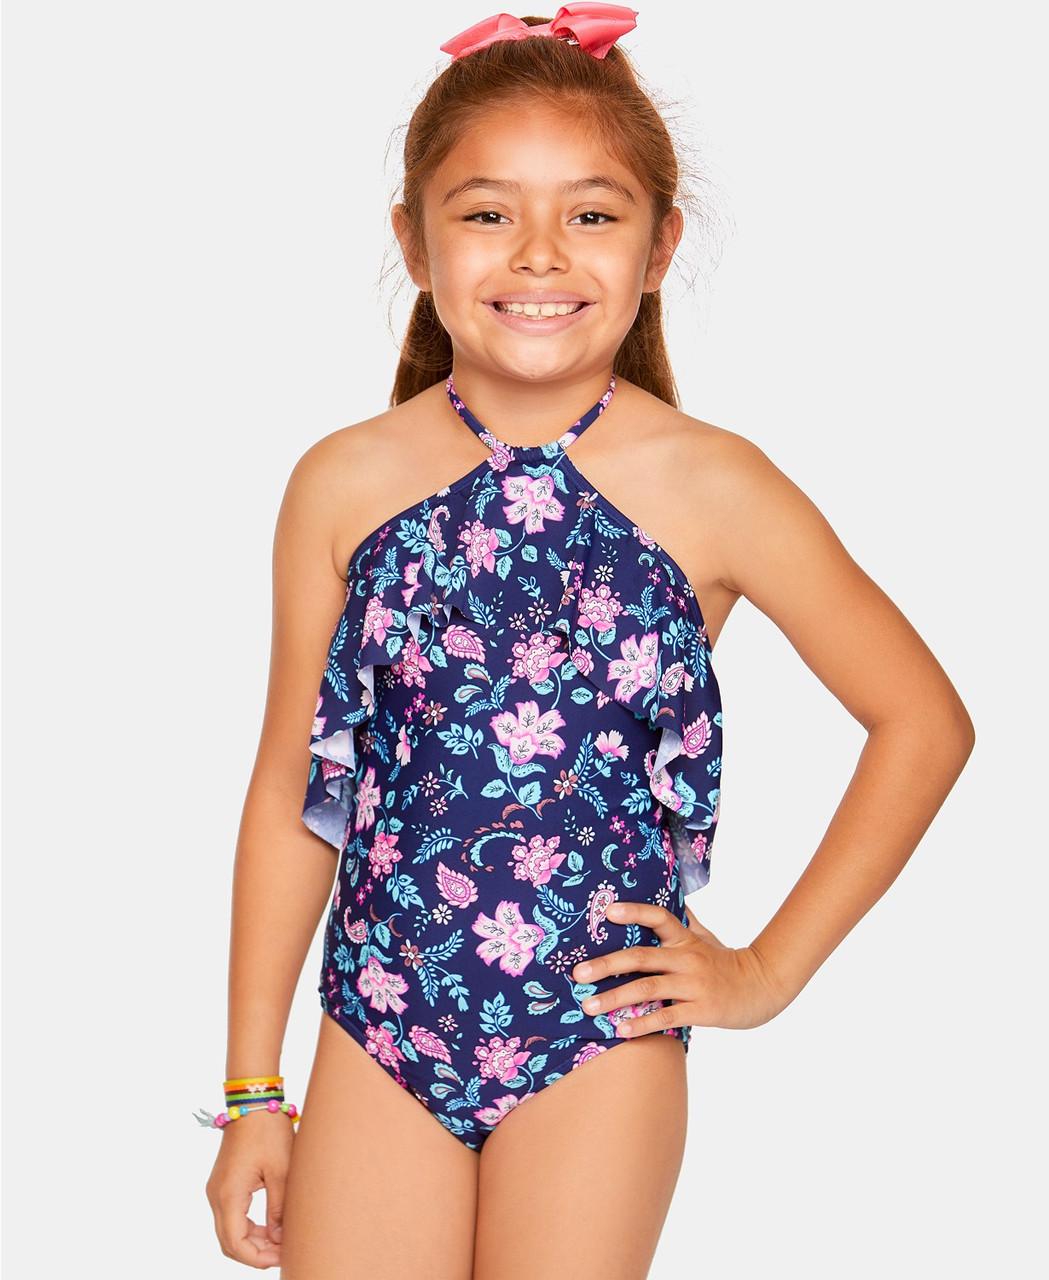 Summer Crush Детский купальник для девочек 2000000411880